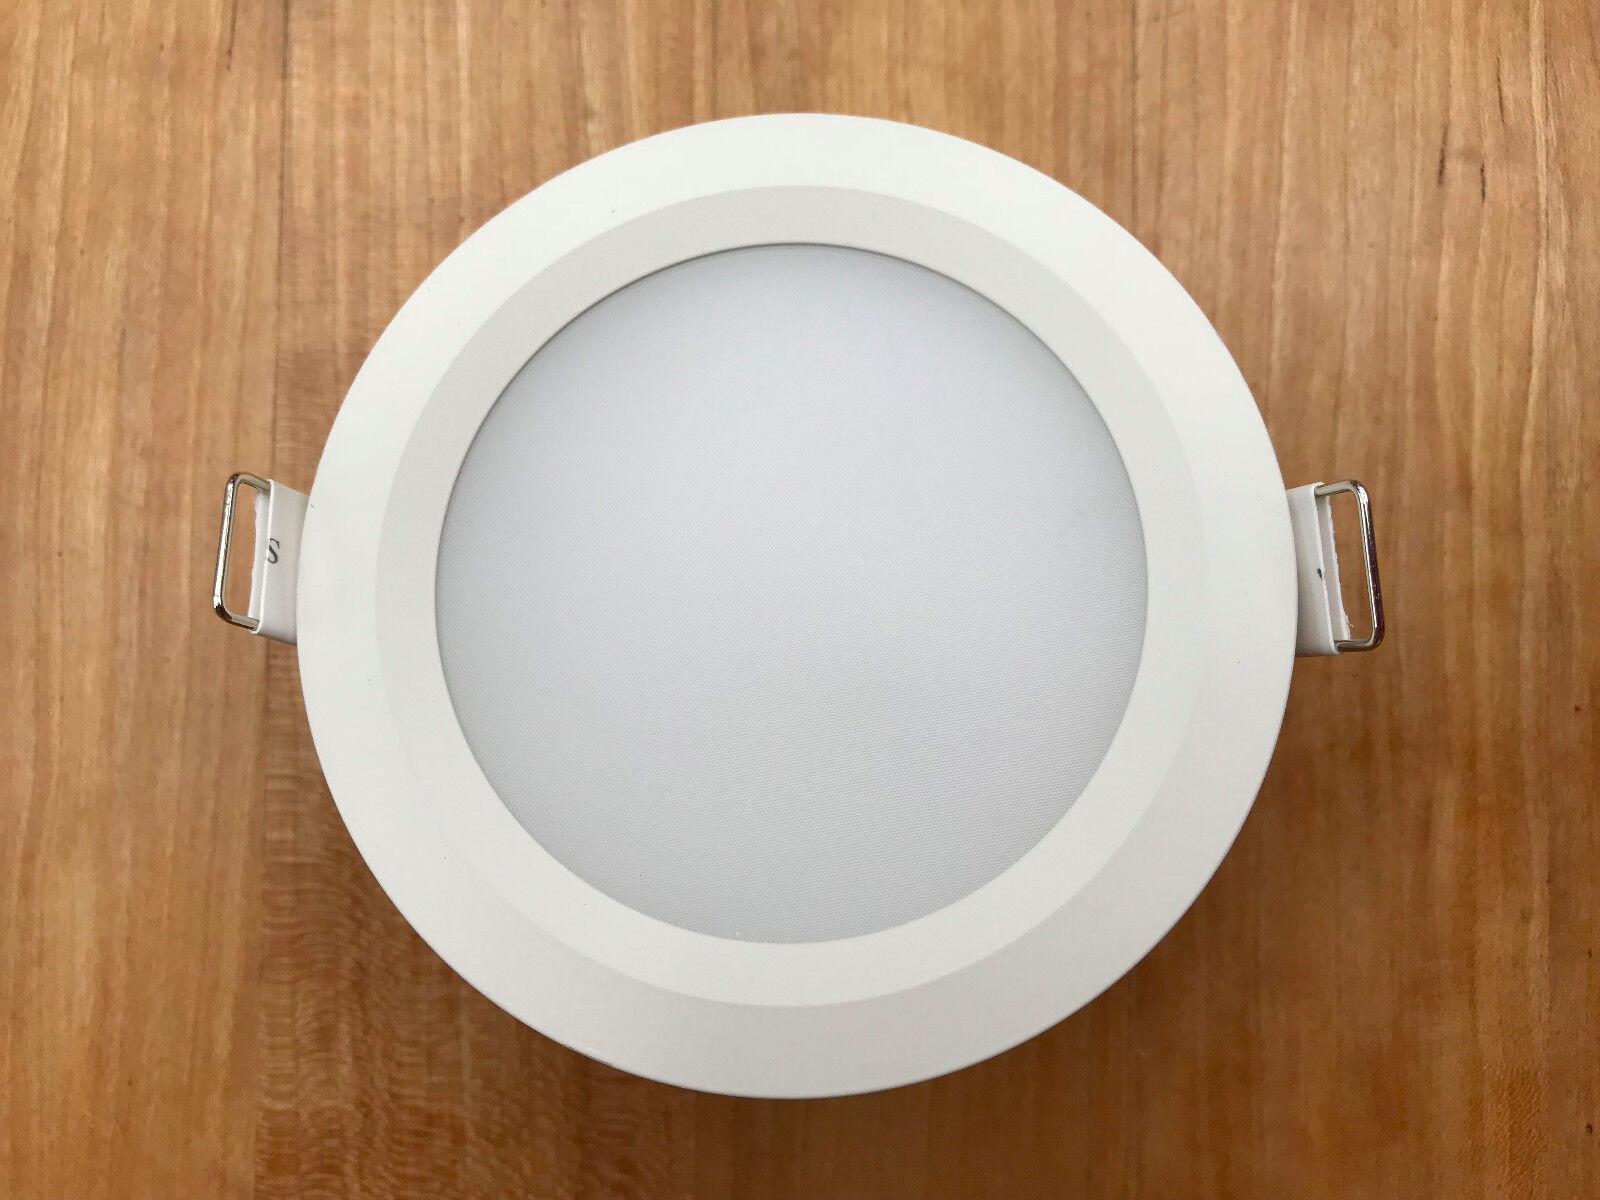 CABIN LED DENMARK LED CABIN Spot Downlight 24V/6W NEU OVP NP--/Stk 39450c